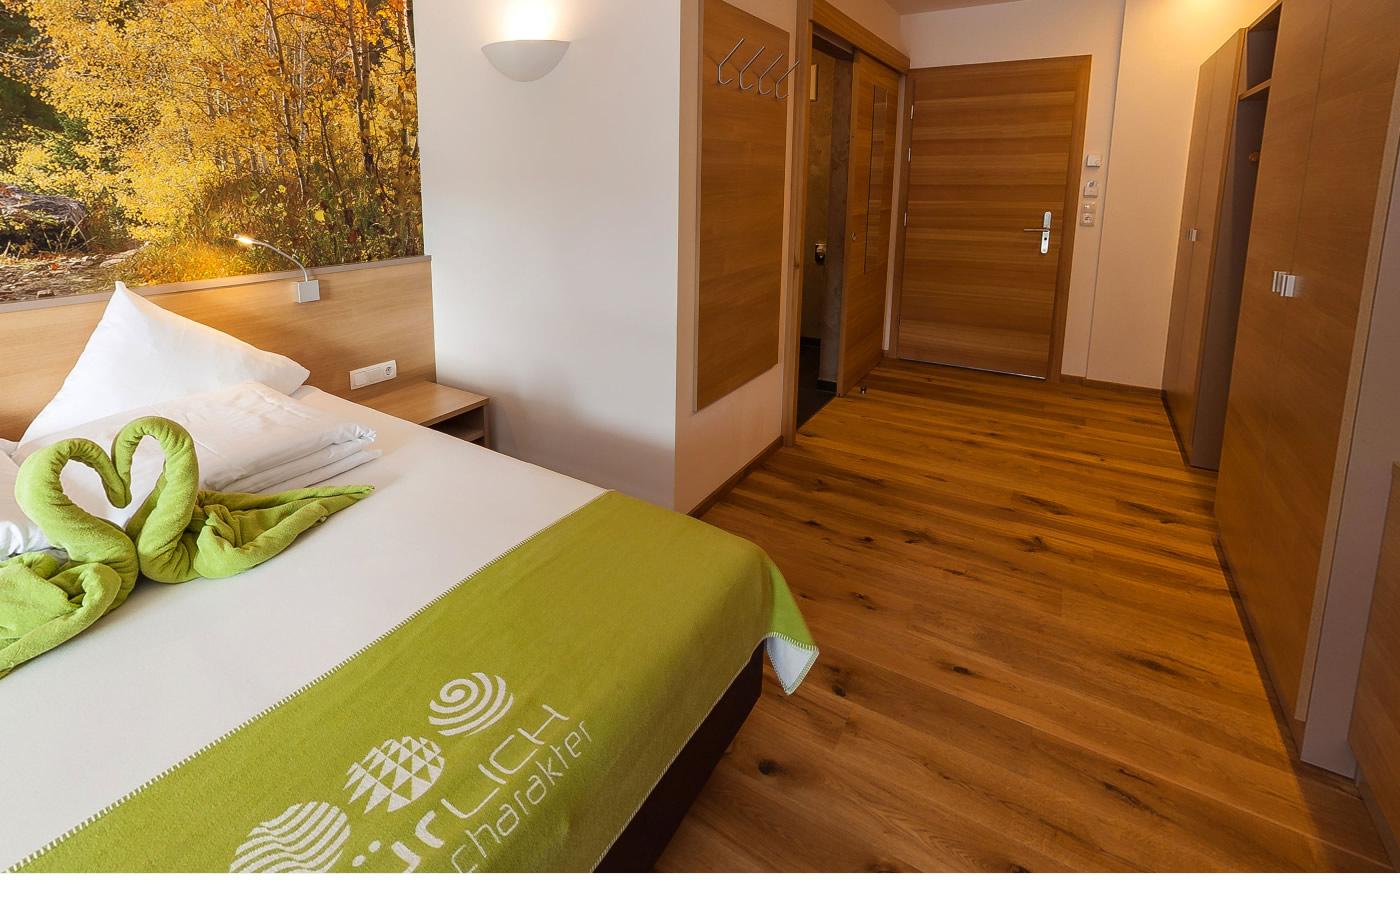 Studios des Hotels. Sommer-Urlaub in Tirol - Österreich.